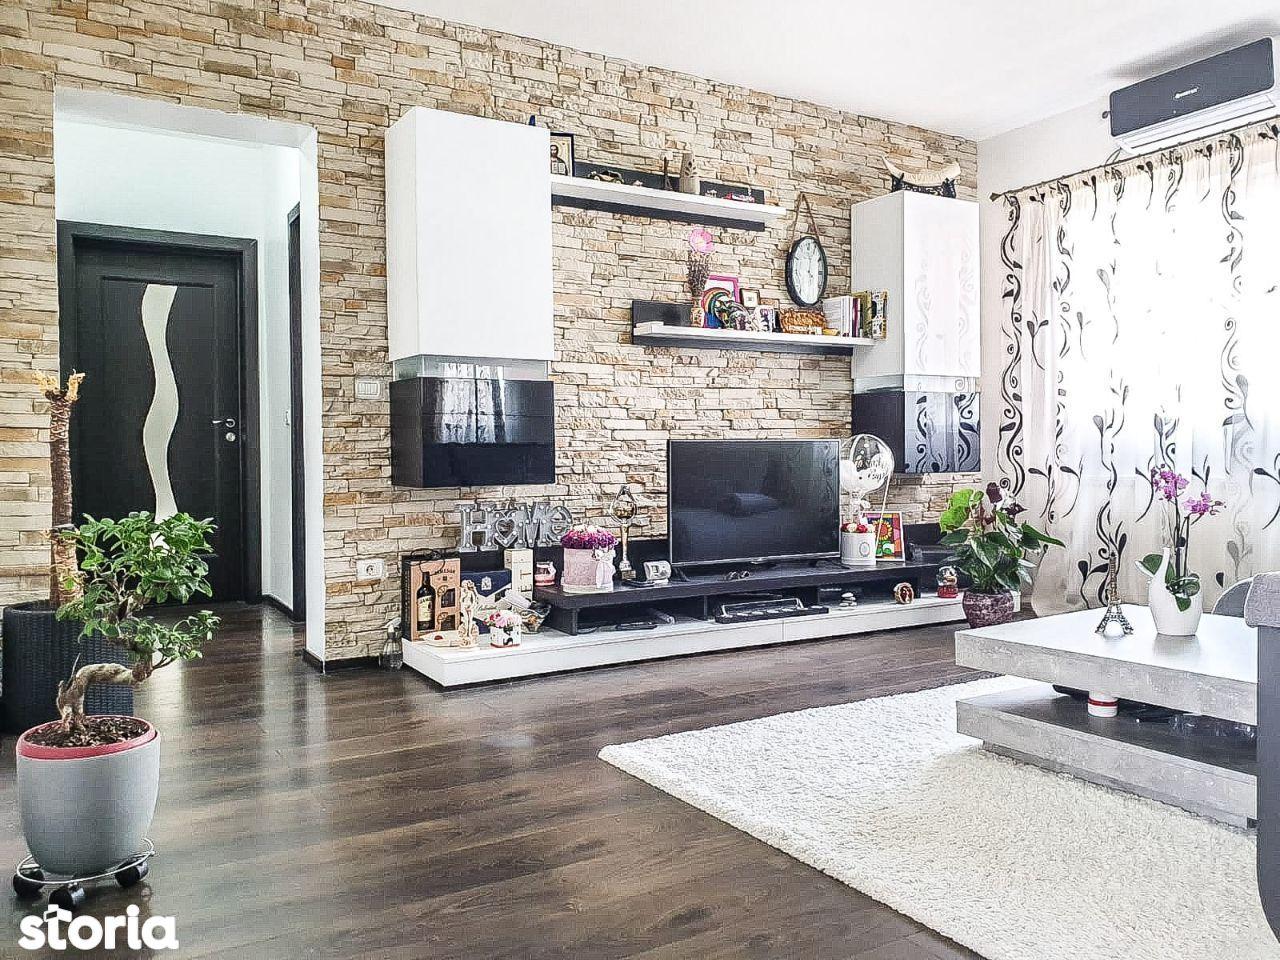 Giroc- 3 camere- et 1- lux- mobilat, utilat-106 m2!